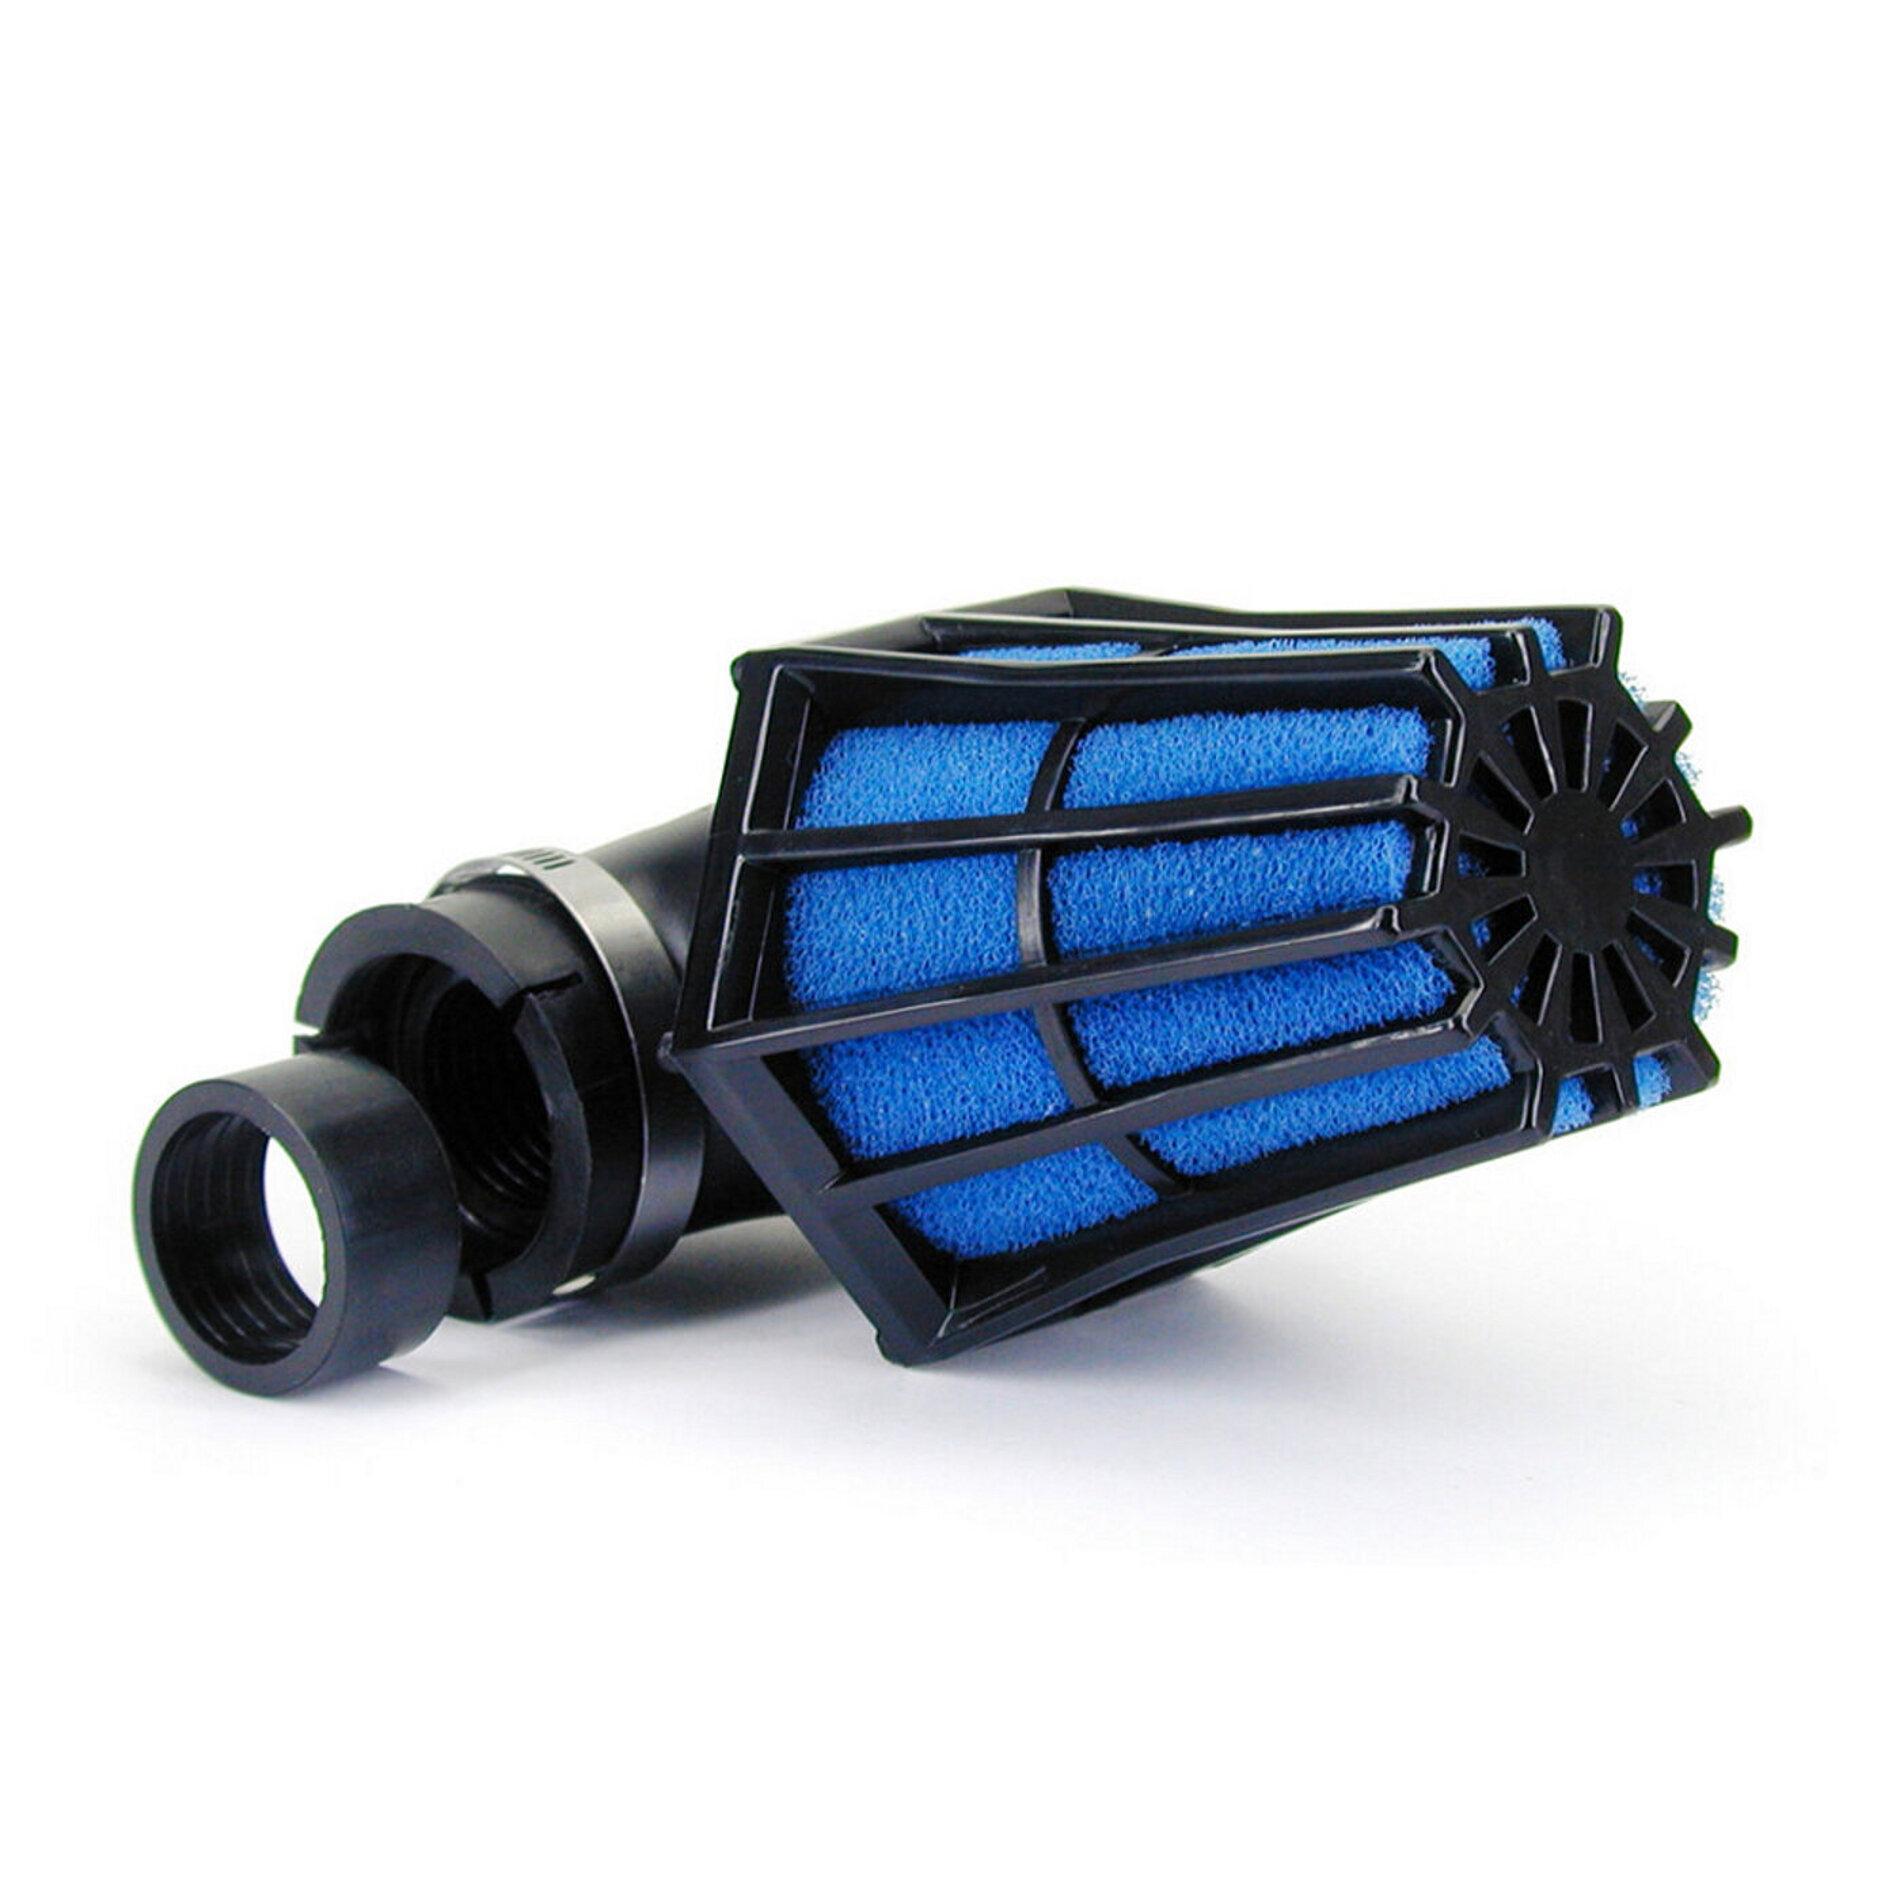 Filtre à air Hexagonal fixation à 90 D.28-35 mousse Bleue - Noir